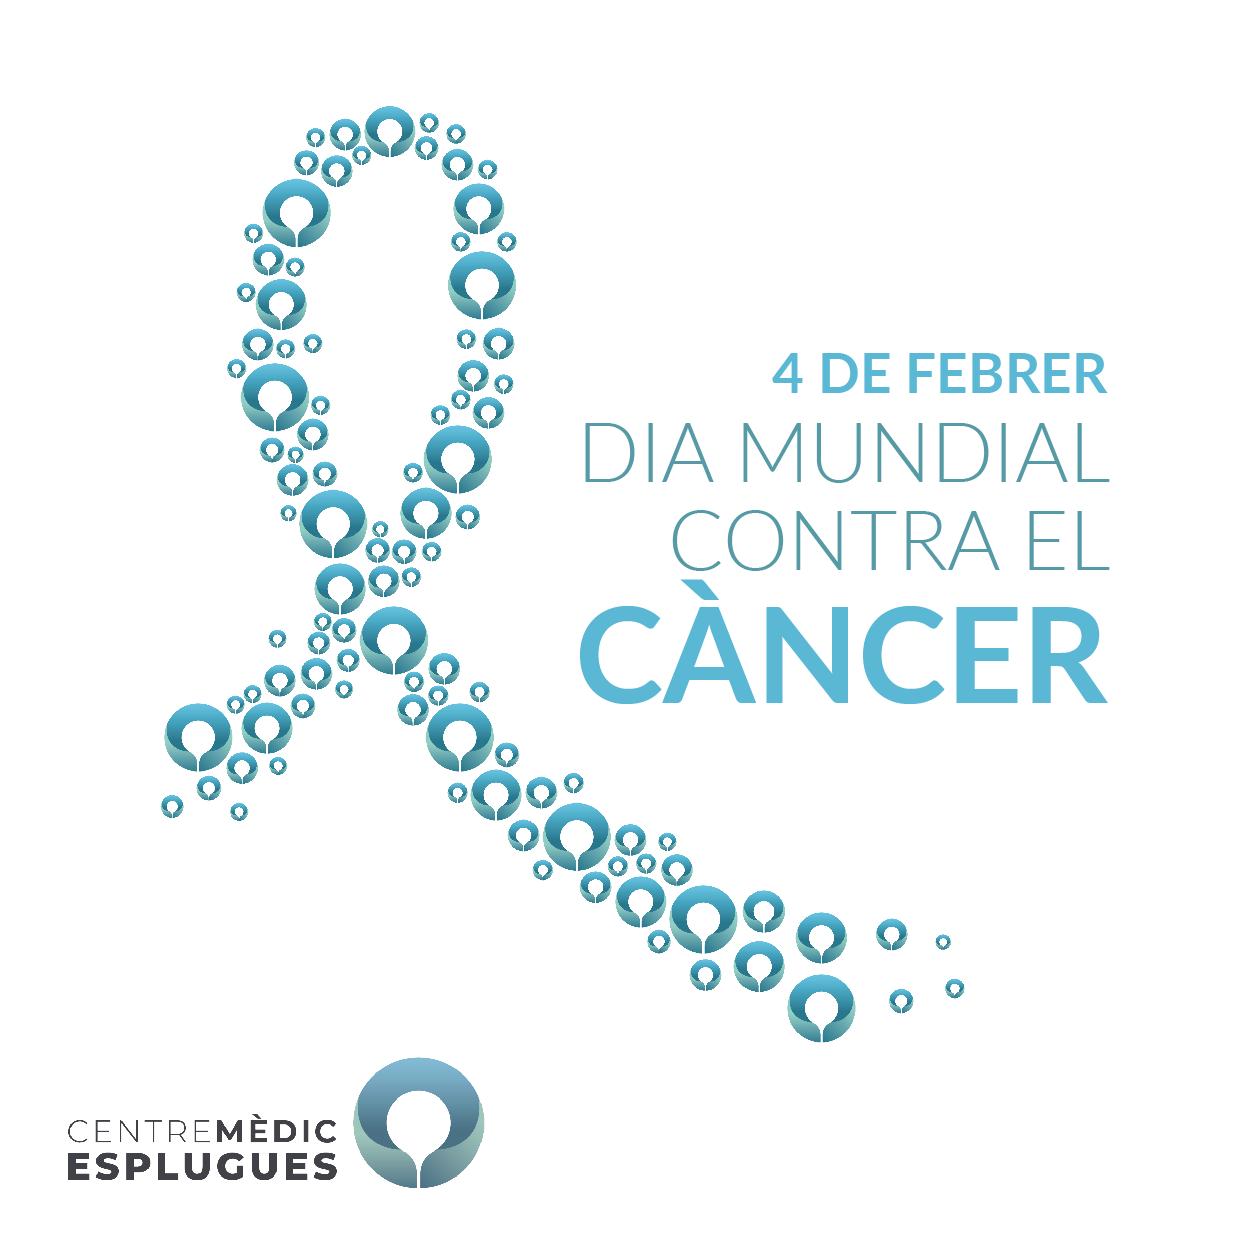 El 4 de febrero celebramos el día mundial de lucha contra el cáncer.